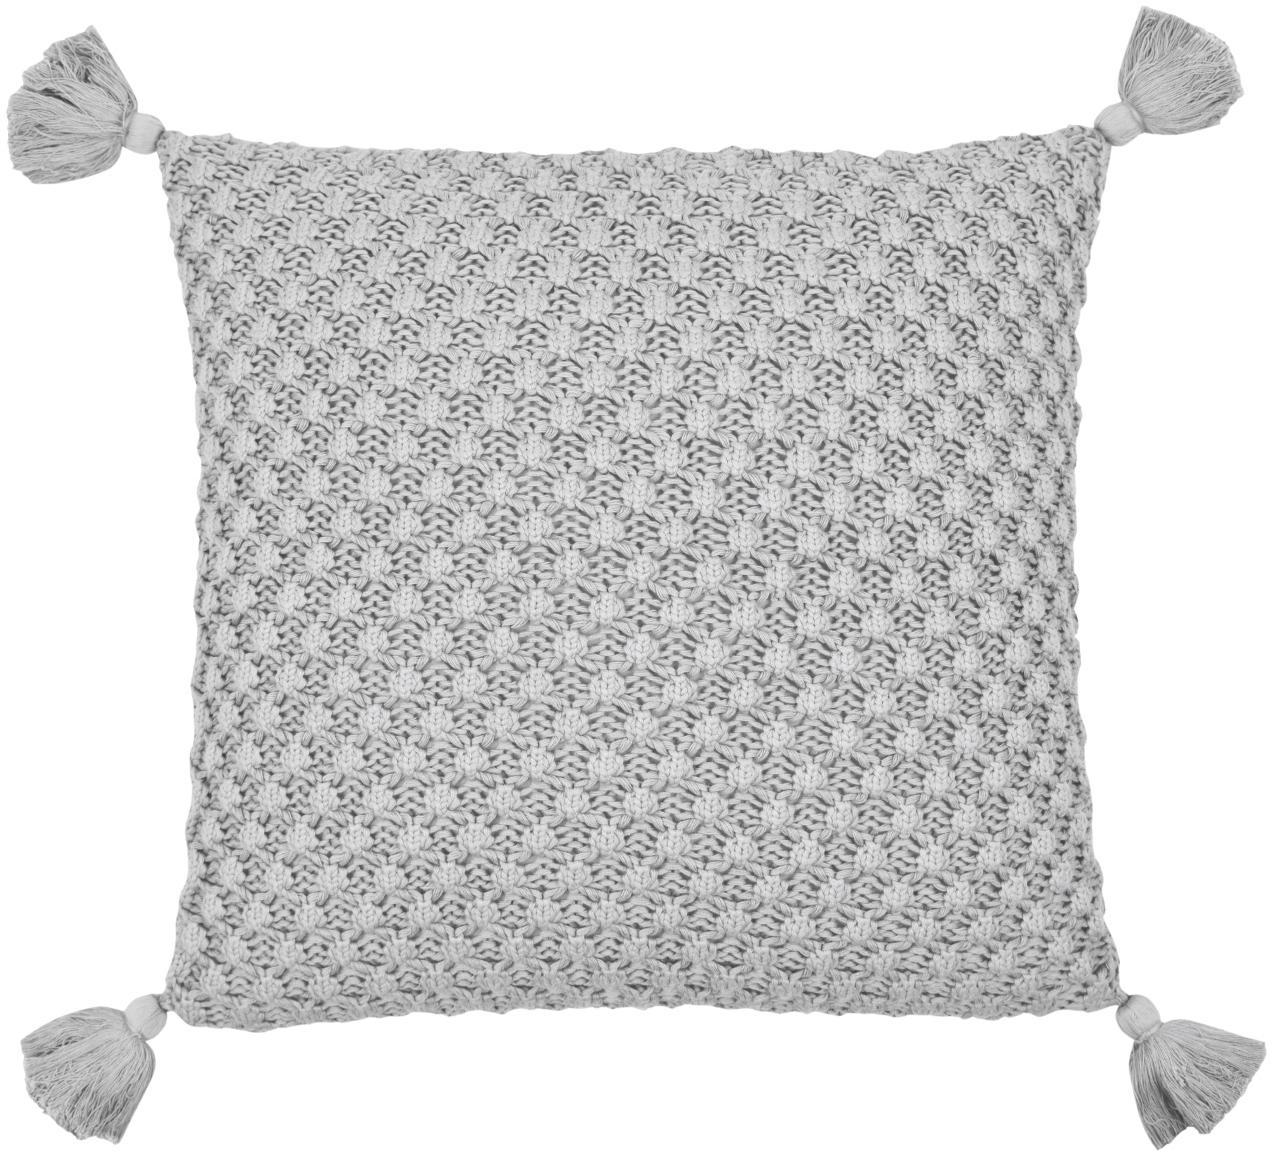 Gebreide kussenhoes Astrid, 100% katoen, Grijs, 50 x 50 cm